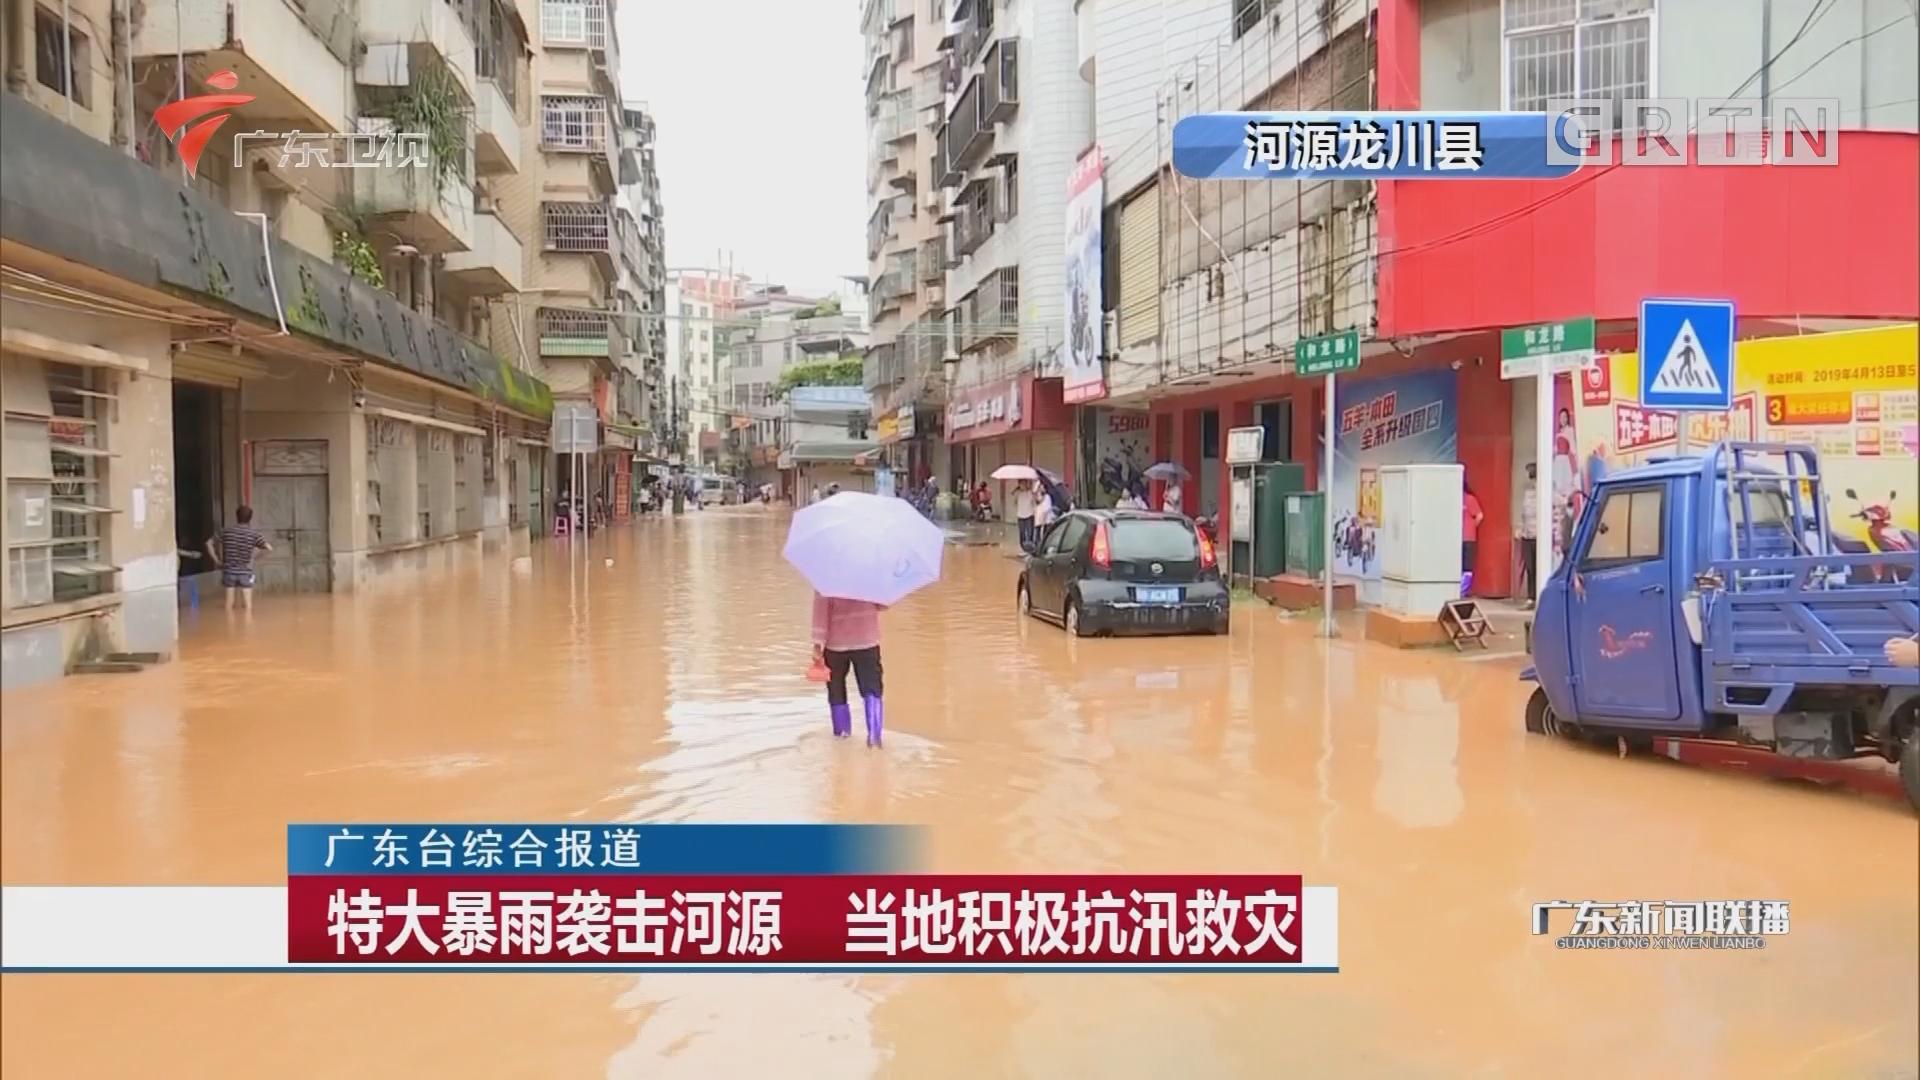 特大暴雨袭击河源 当地积极抗汛救灾